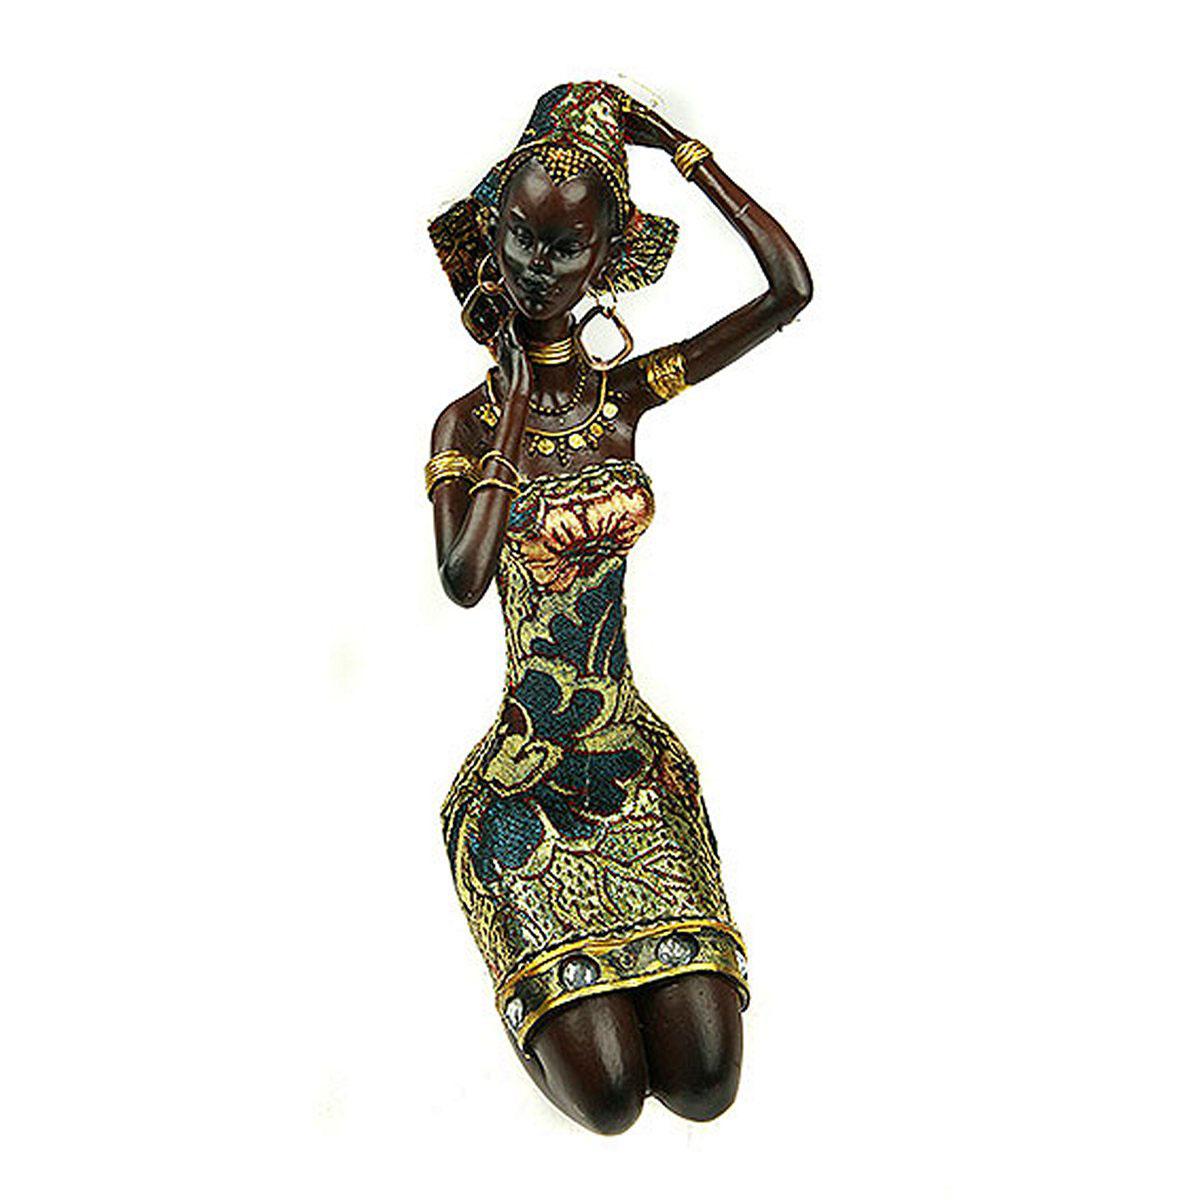 Статуэтка Русские Подарки Африканка, 12 х 12 х 23 см26146Статуэтка Русские Подарки Африканка, изготовленная из полистоуна, имеет изысканный внешний вид. Изделие станет прекрасным украшением интерьера гостиной, офиса или дома. Вы можете поставить статуэтку в любое место, где она будет удачно смотреться и радовать глаз. Правила ухода: регулярно вытирать пыль сухой, мягкой тканью.